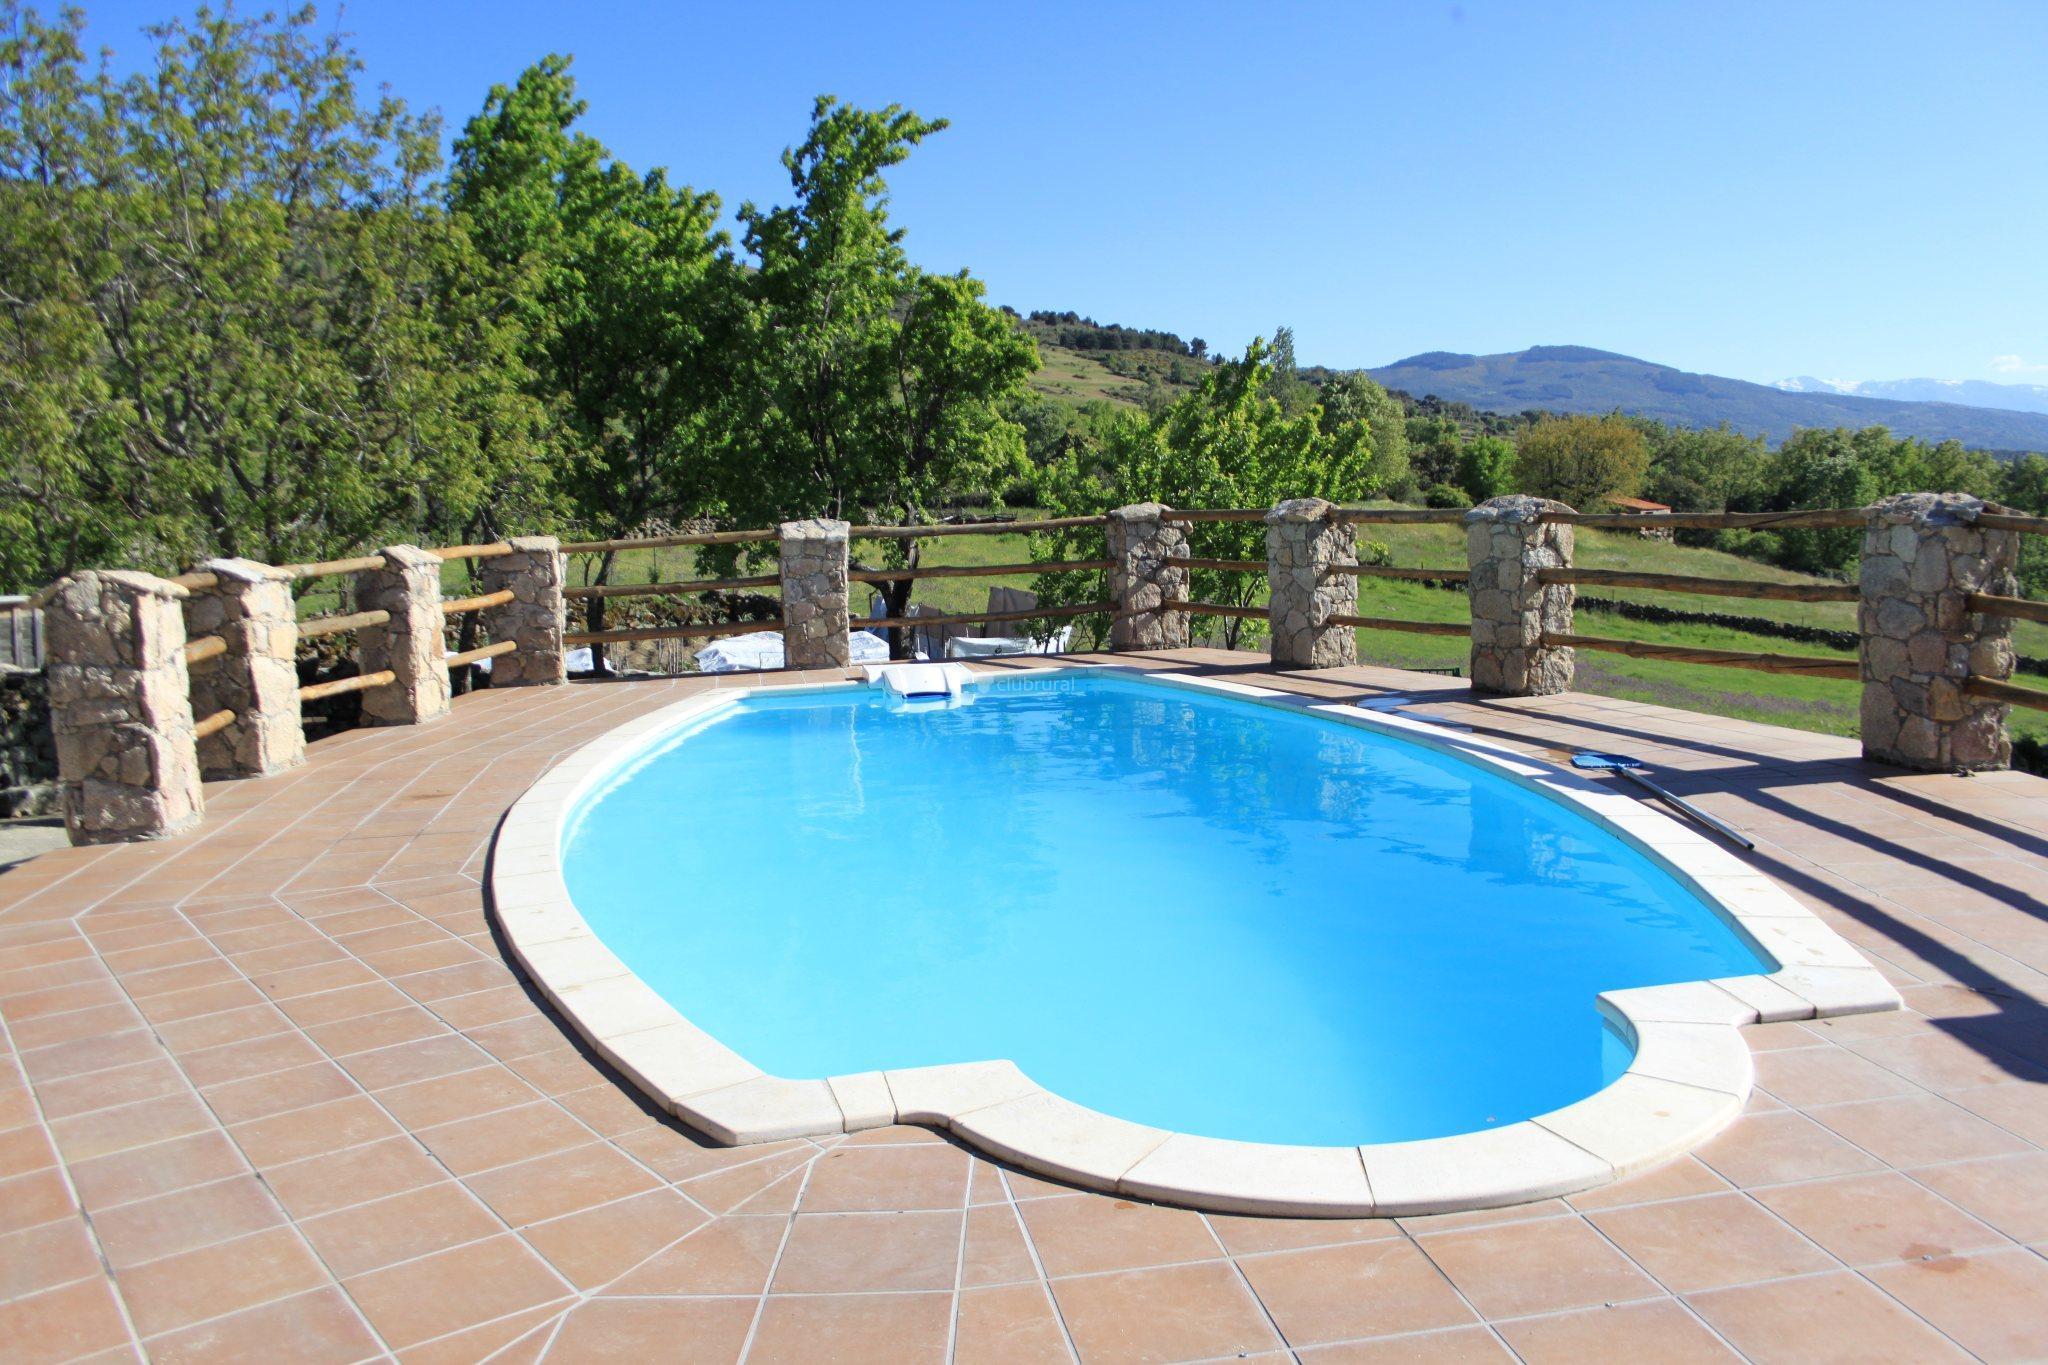 Fotos de alojamientos rurales piedrahita barco gredos for Casa rural avila piscina